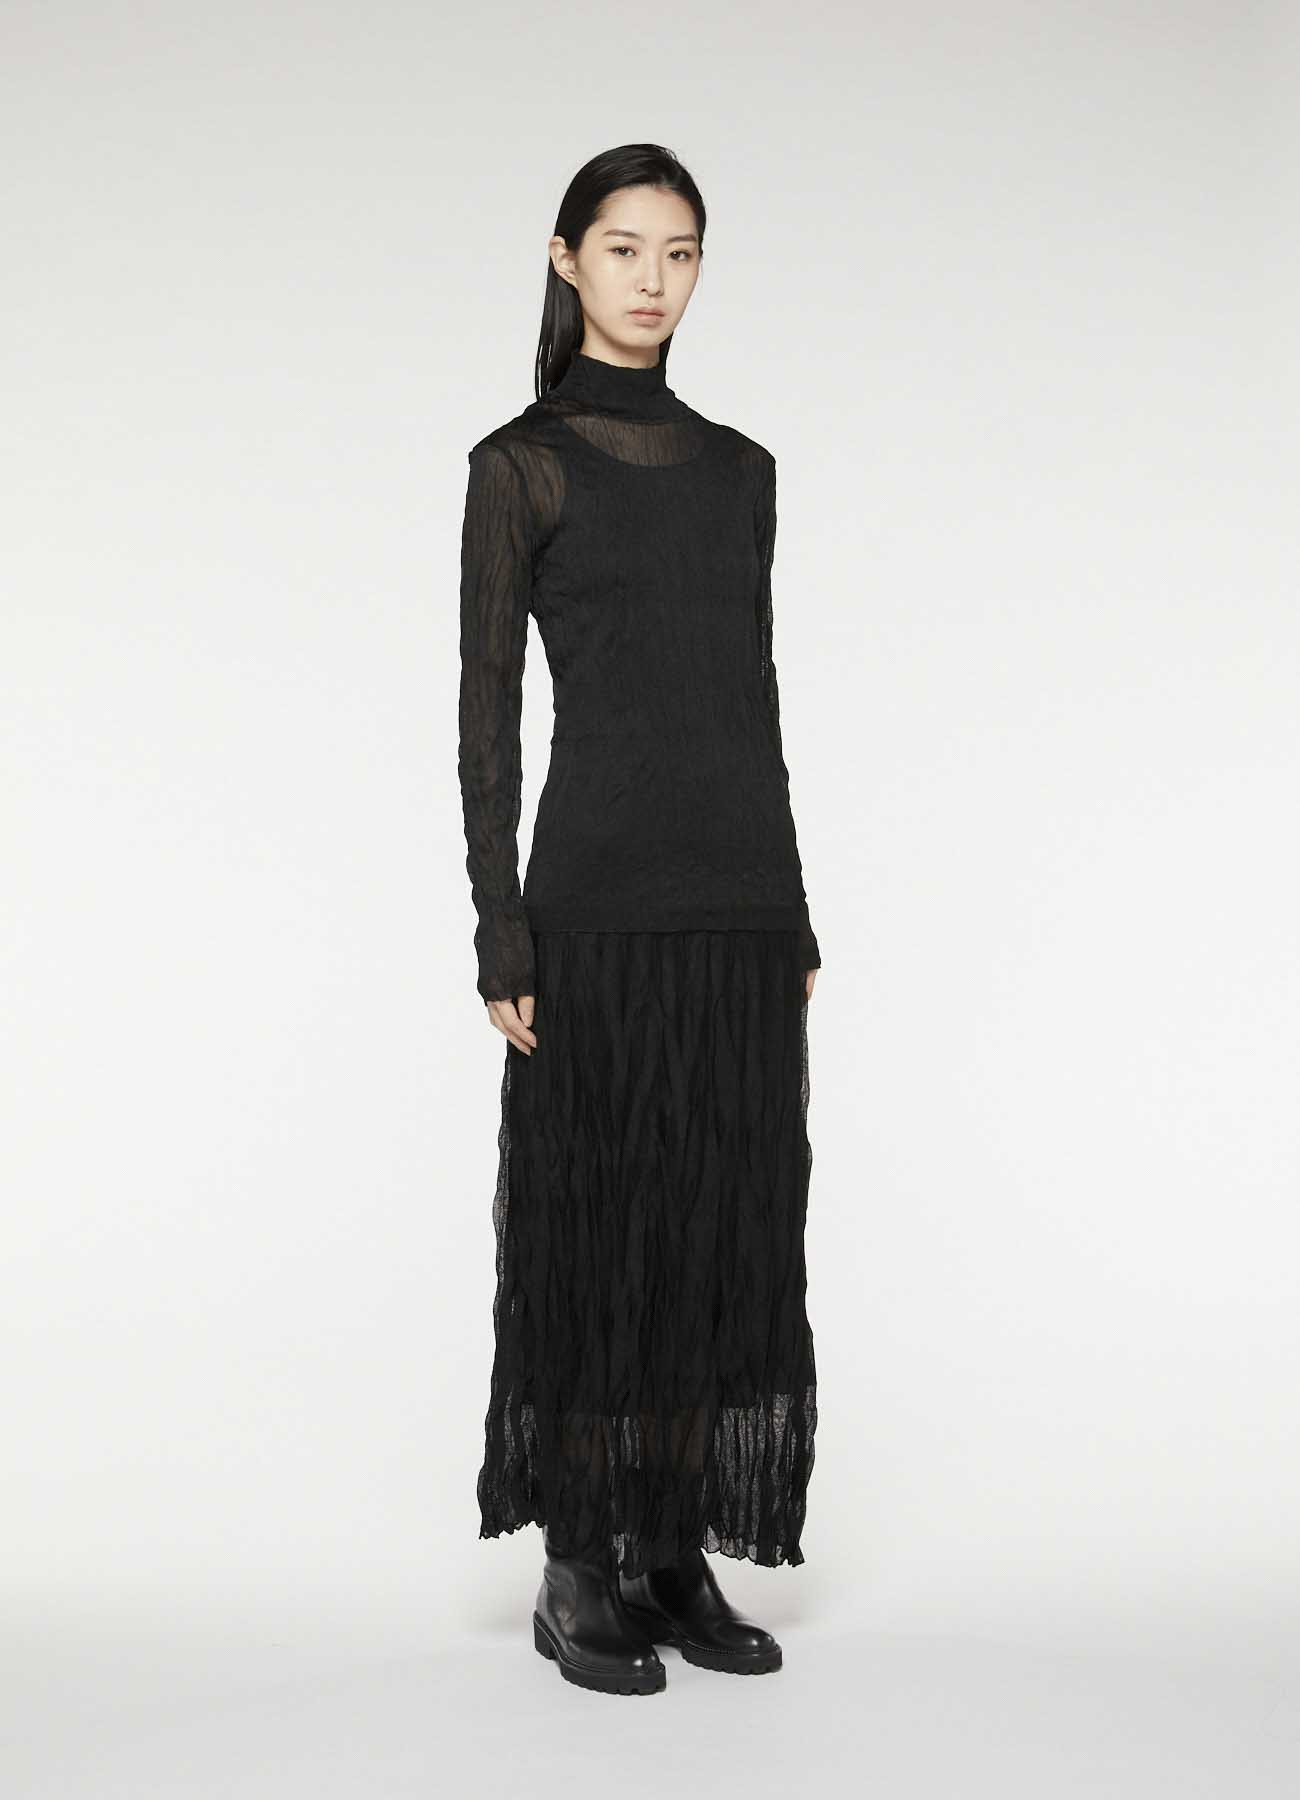 褶皱加工轻薄半身裙